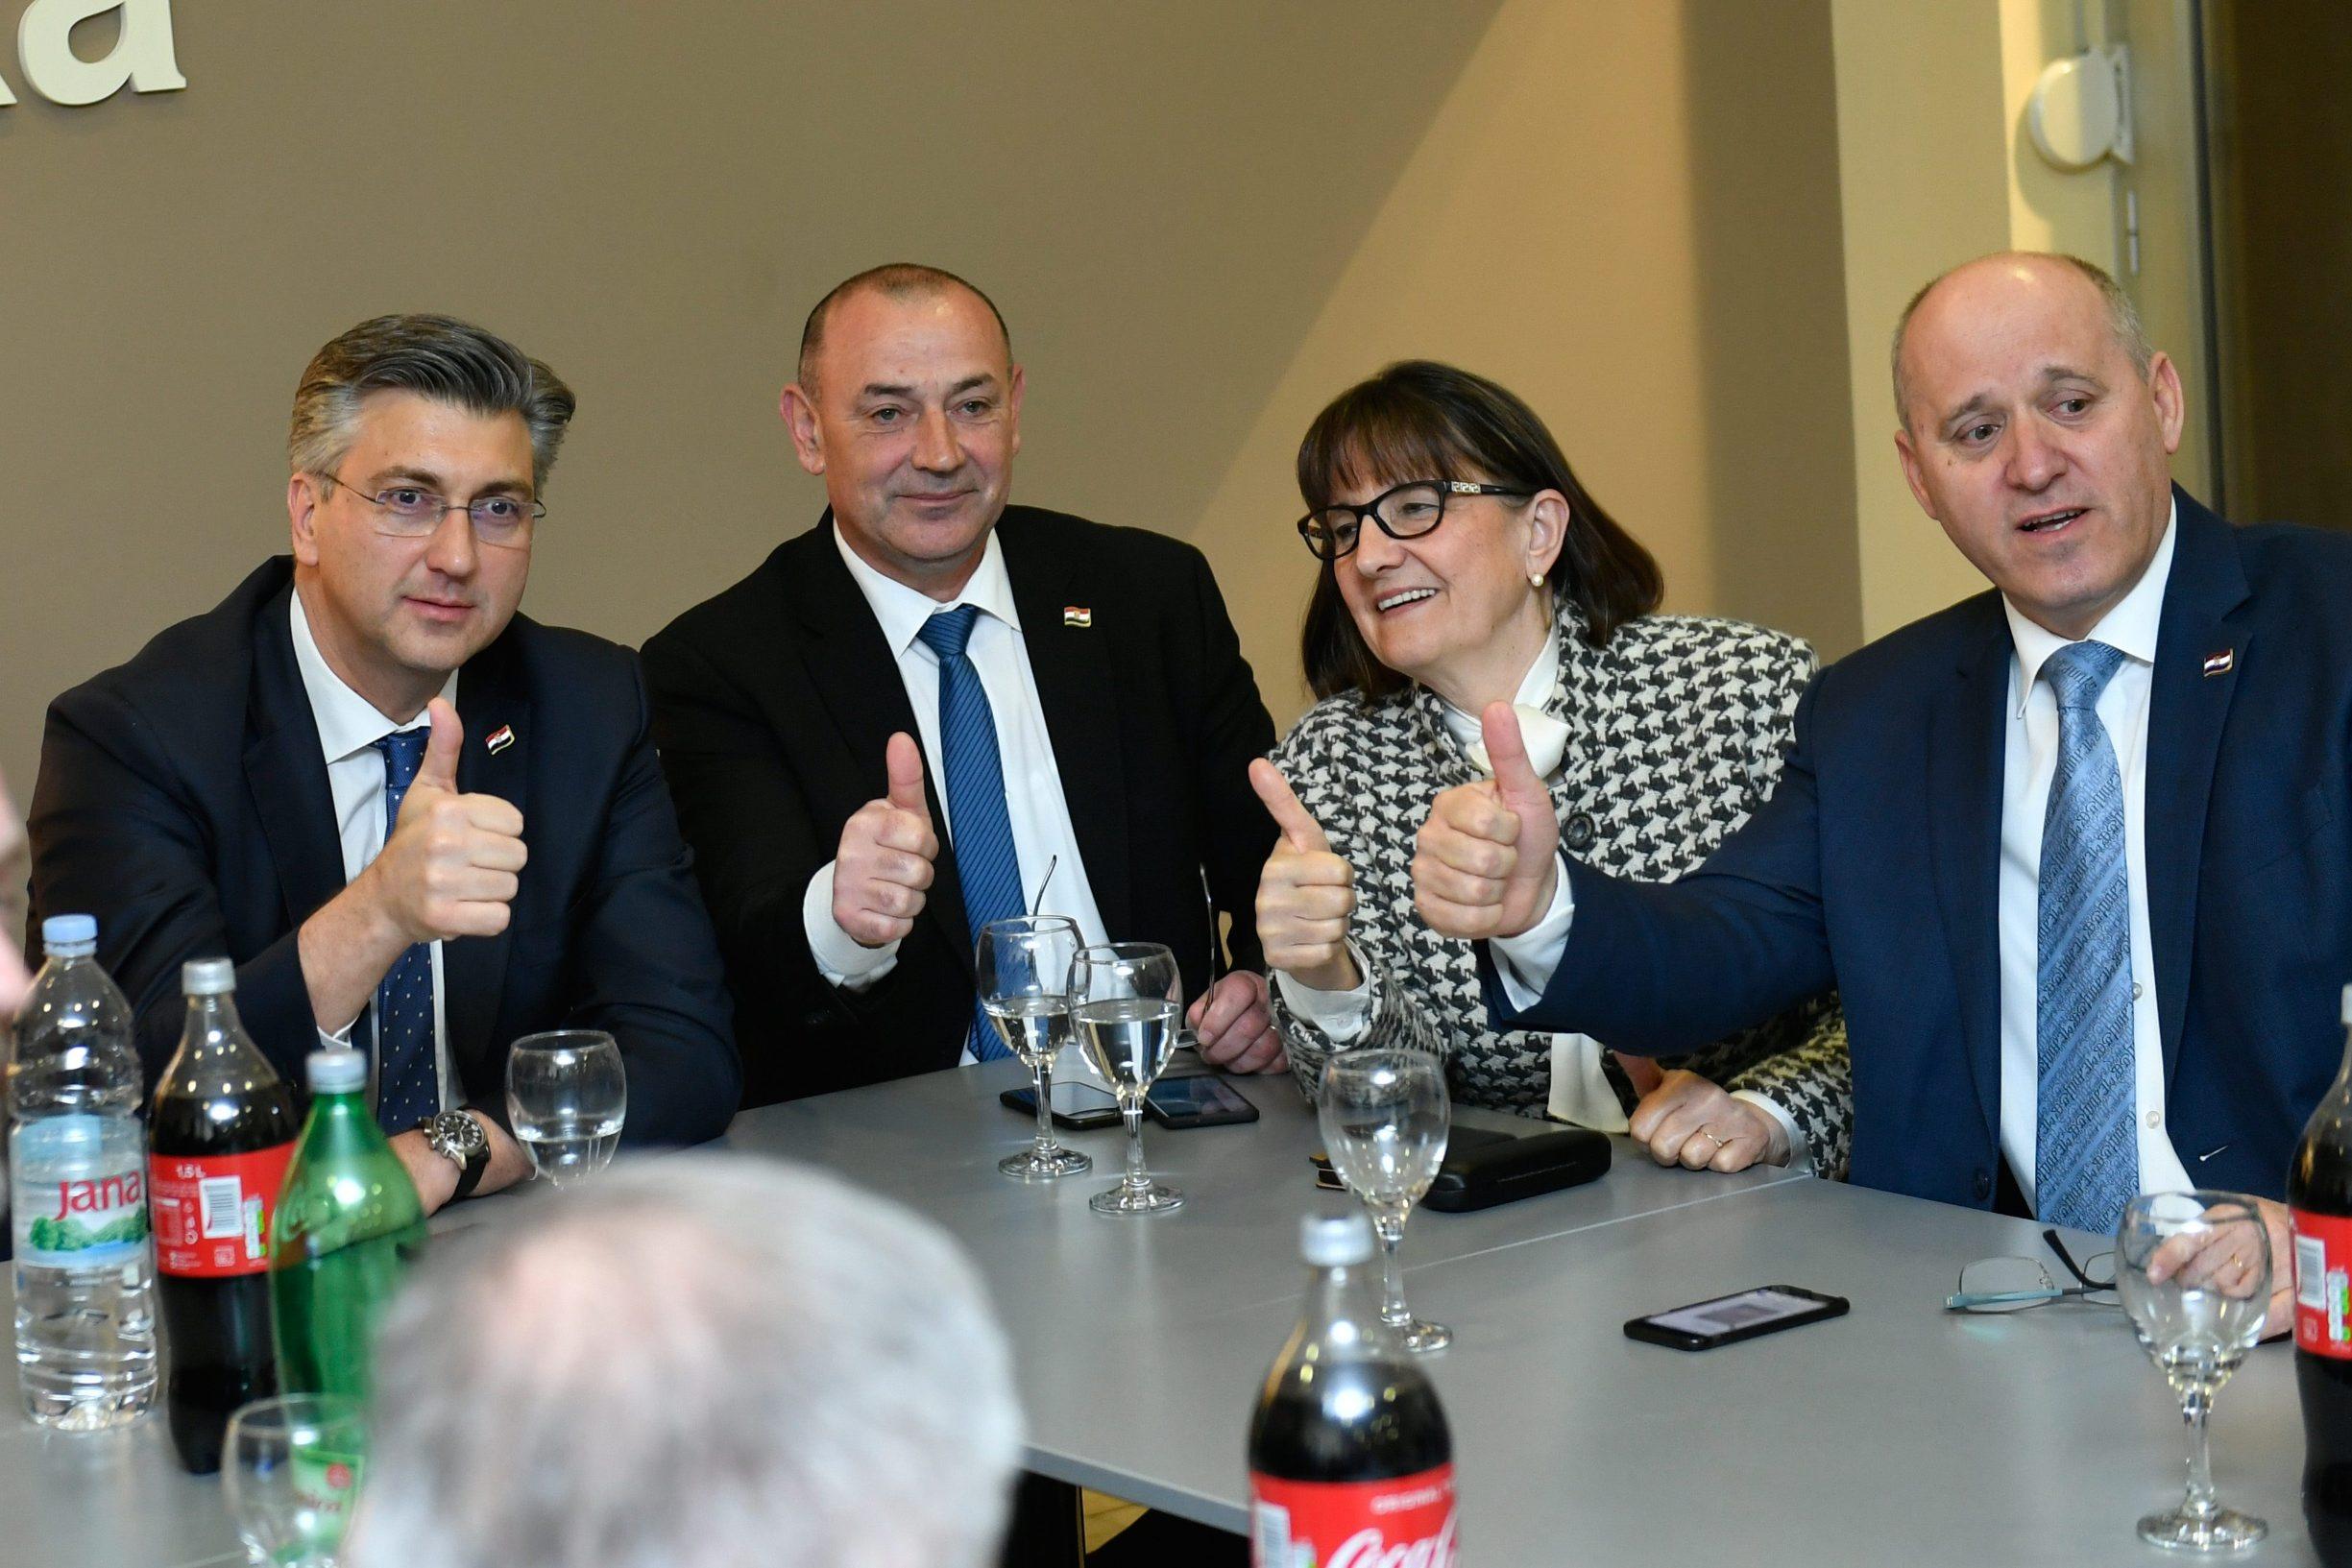 Andrej Plenković, Tomo Medved, Zdravka Bušić i Branko Bačić